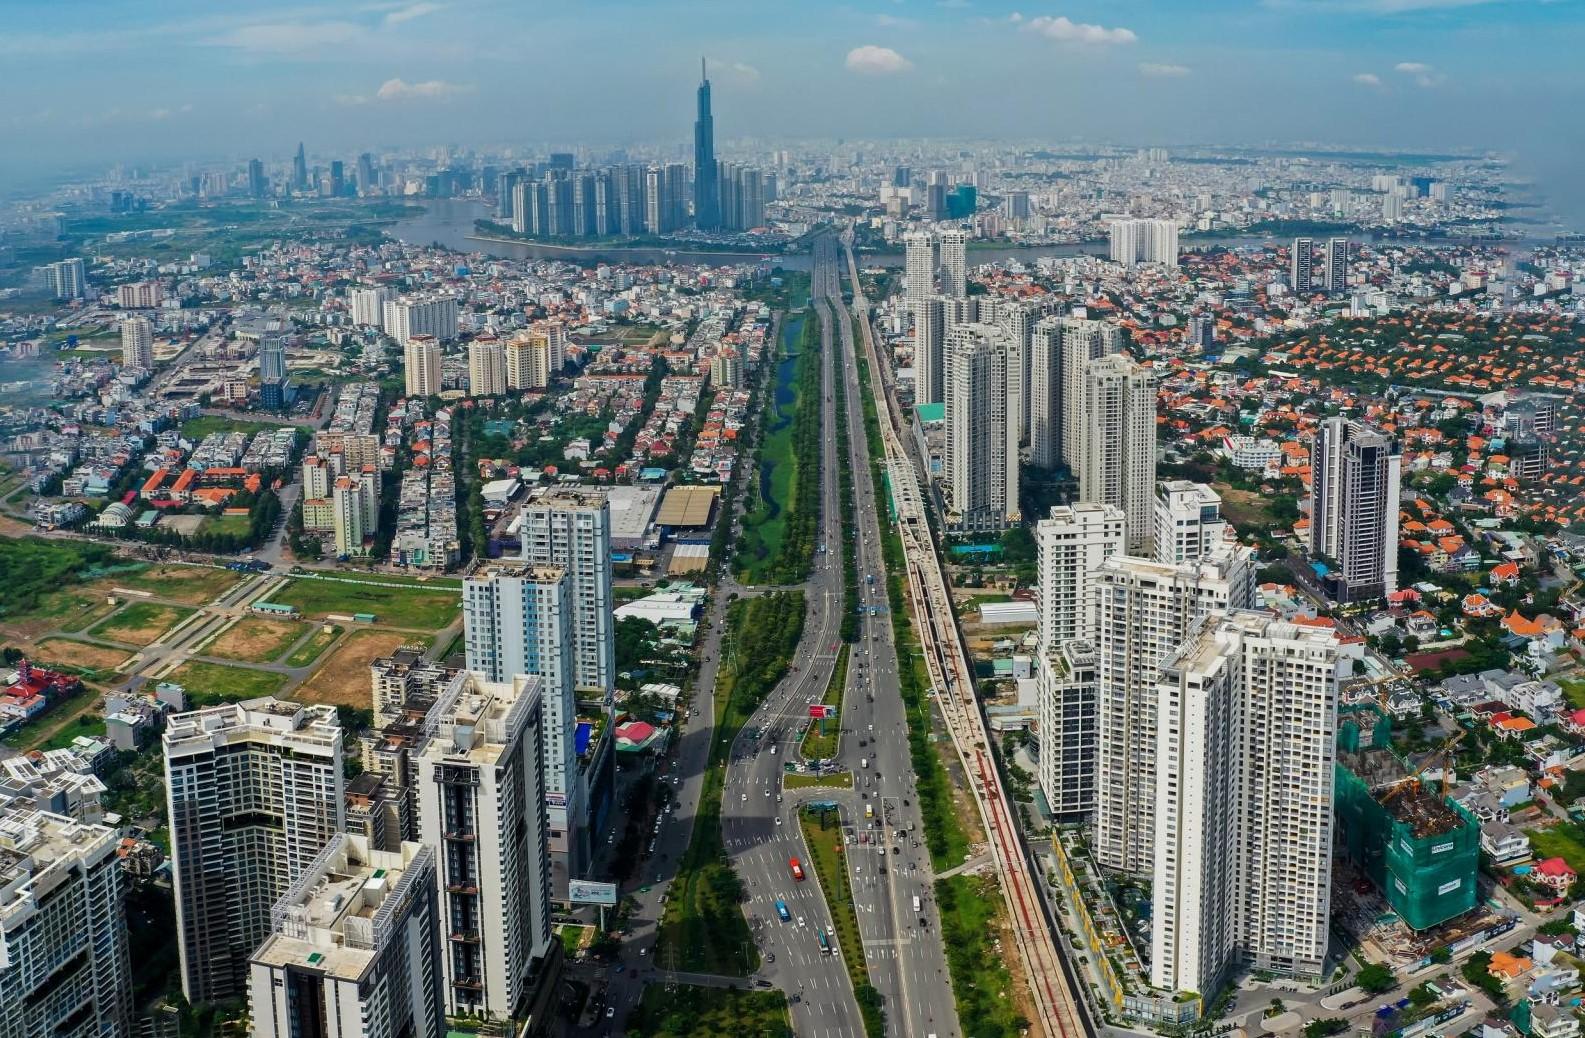 CapitaLand đạt thỏa thuận khoản vay xanh 400 triệu đô la Singapore 6